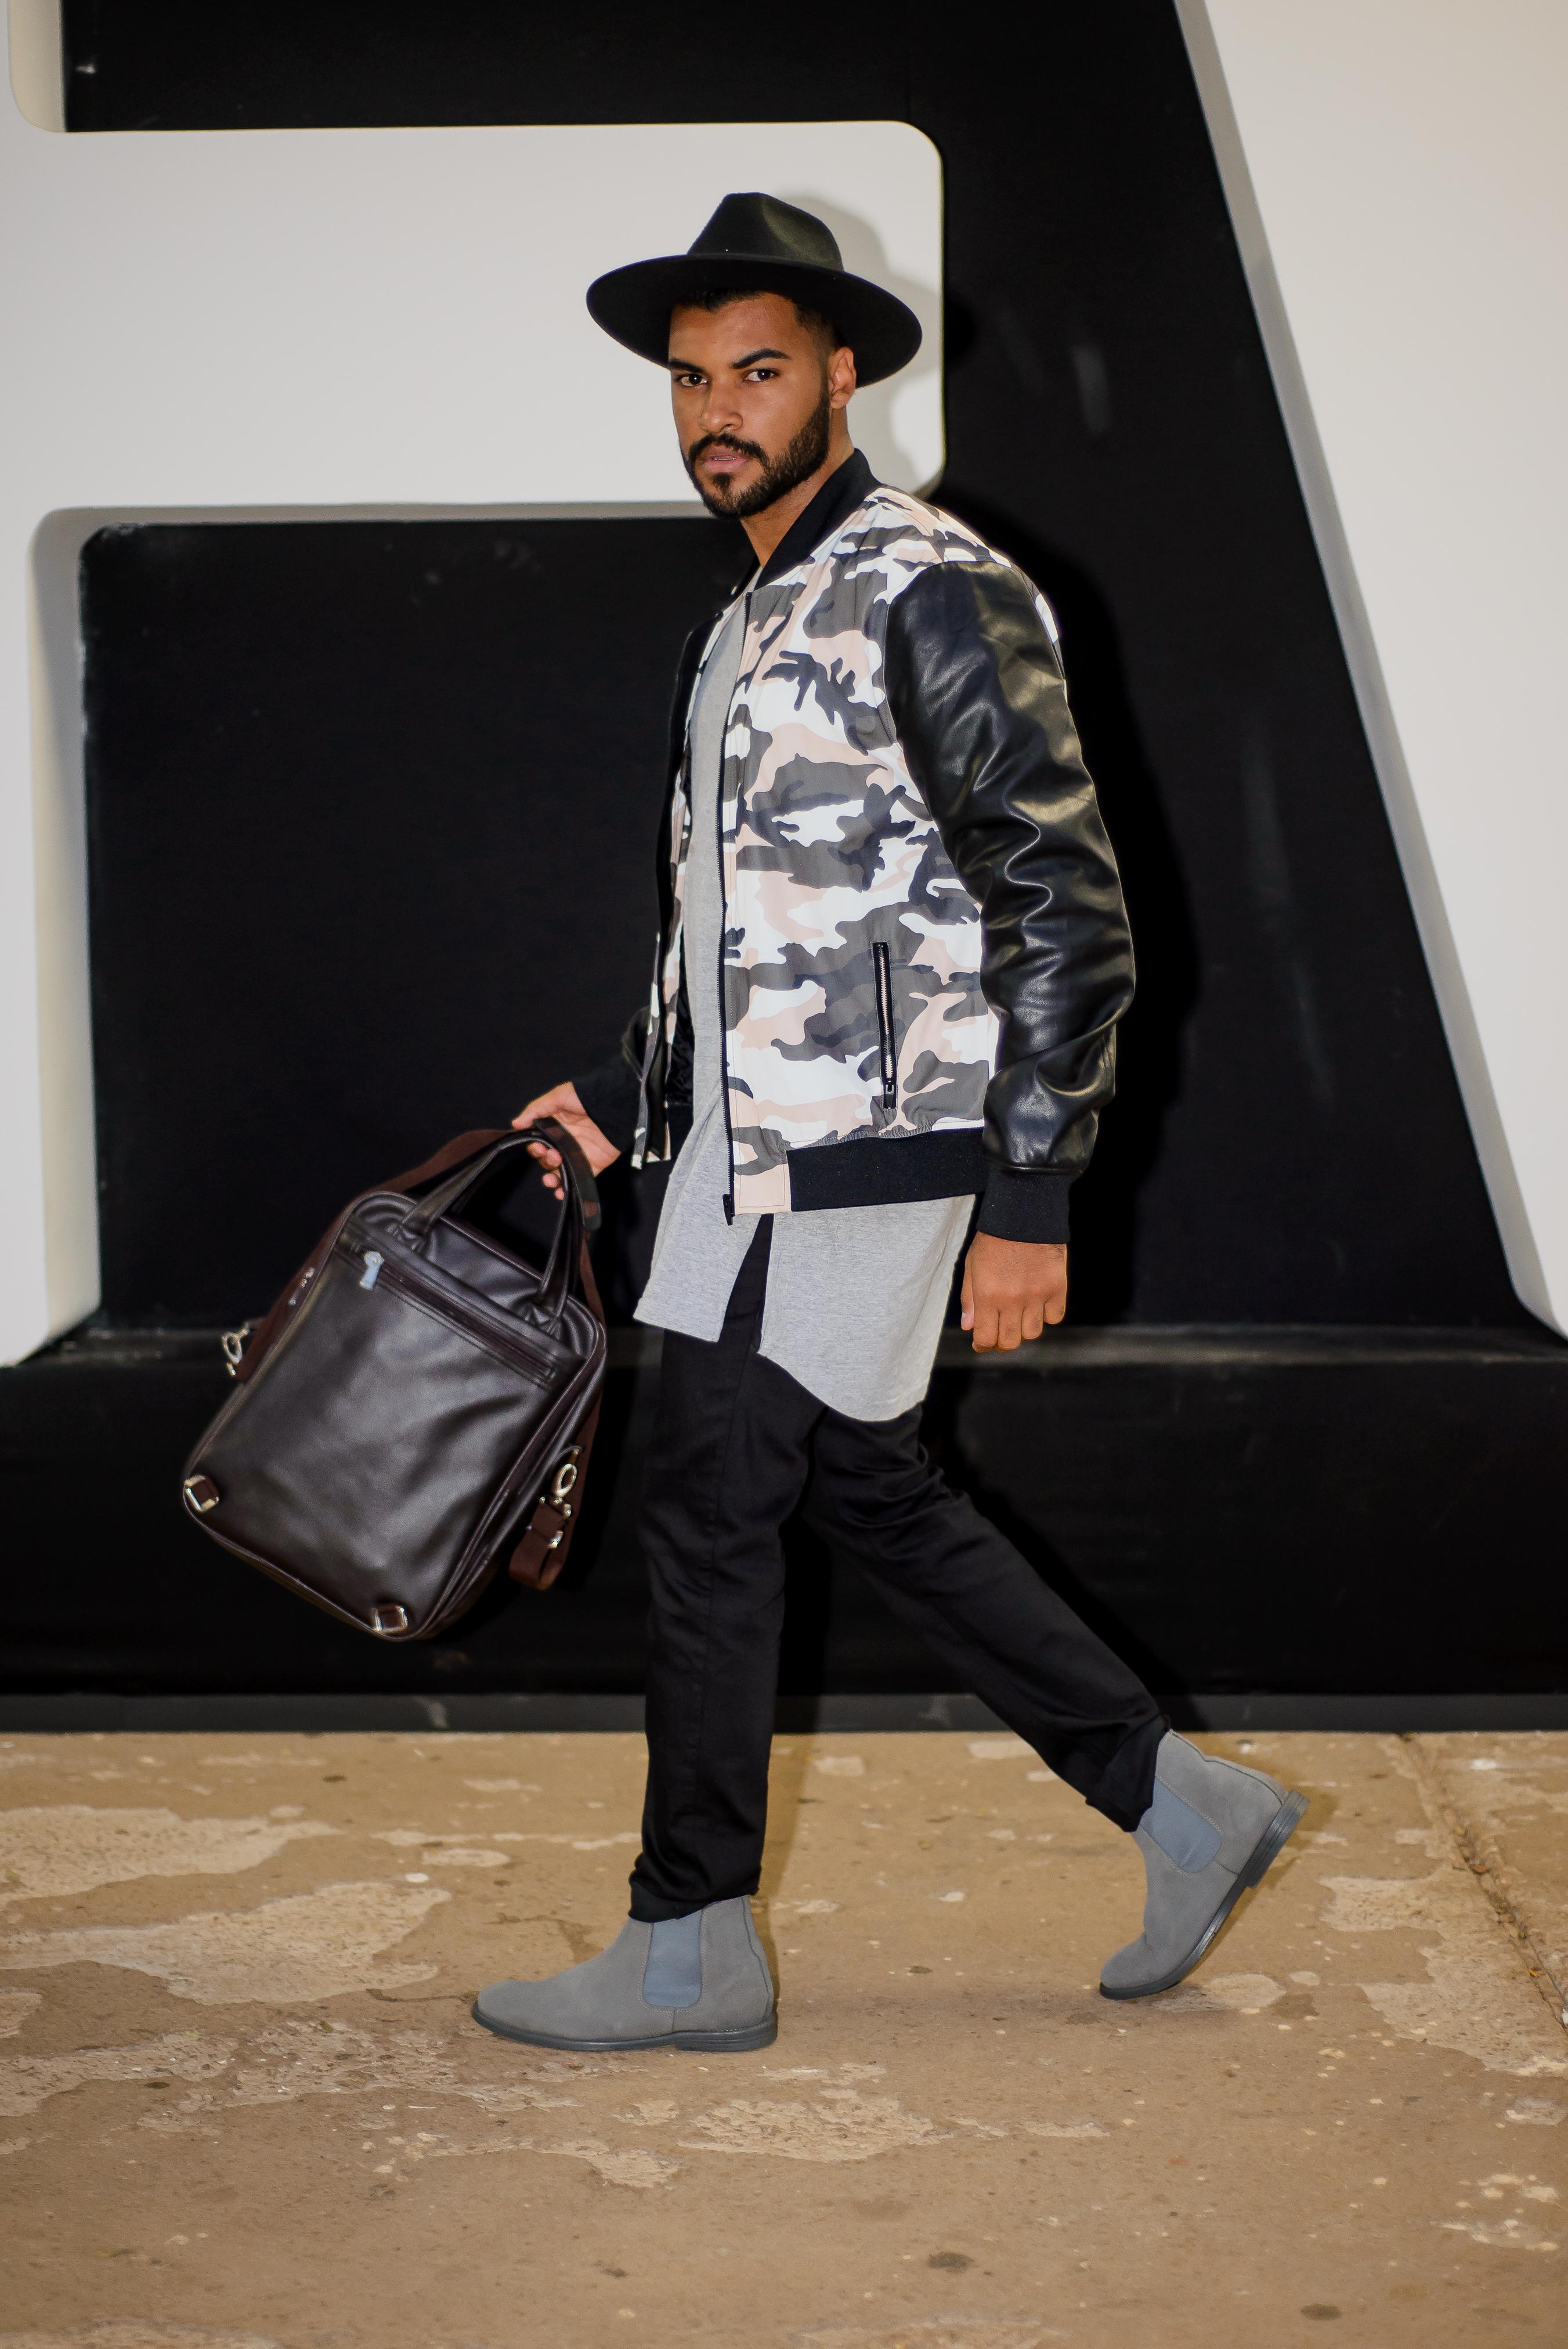 spfwn43-street-style-moda-masculina-estilo-masculino-style-fashion-moda-2017-moda-sem-censura-beleza-blog-de-moda-men-man-boy-estilo (10)